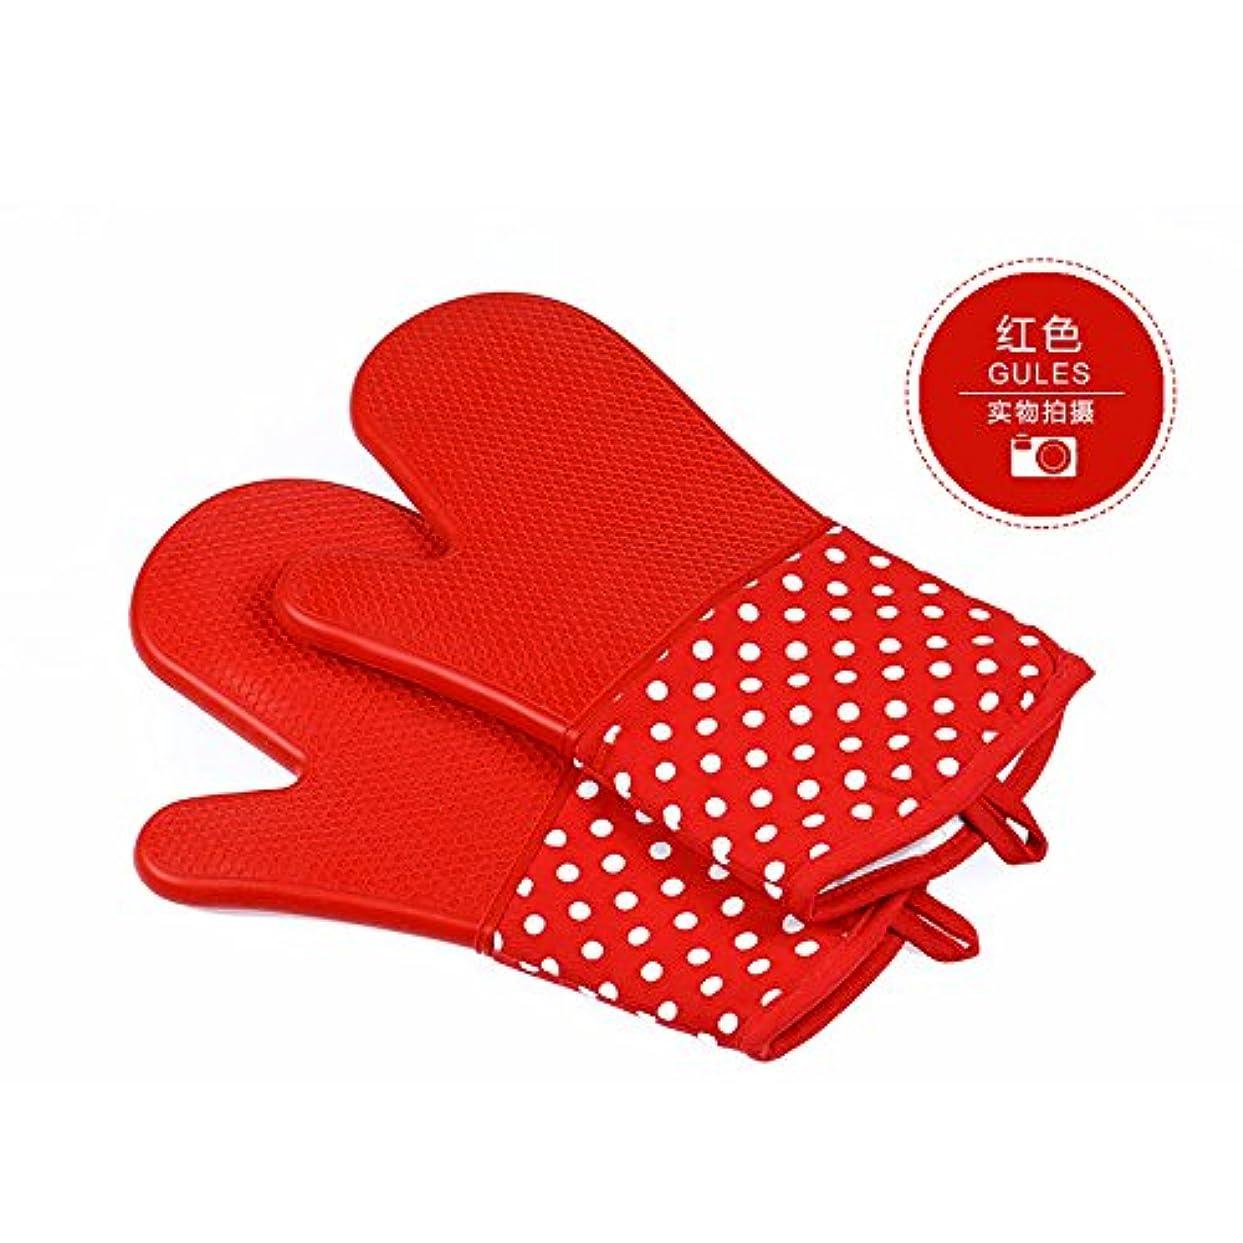 覗く反対するジャケットJOOP【2個セット】【シリコンベーキング手袋】【バーベキュー手袋】【キッチン電子レンジの手袋】【オーブン断熱手袋】【300の加熱温度極値】【7色】 (レッド)